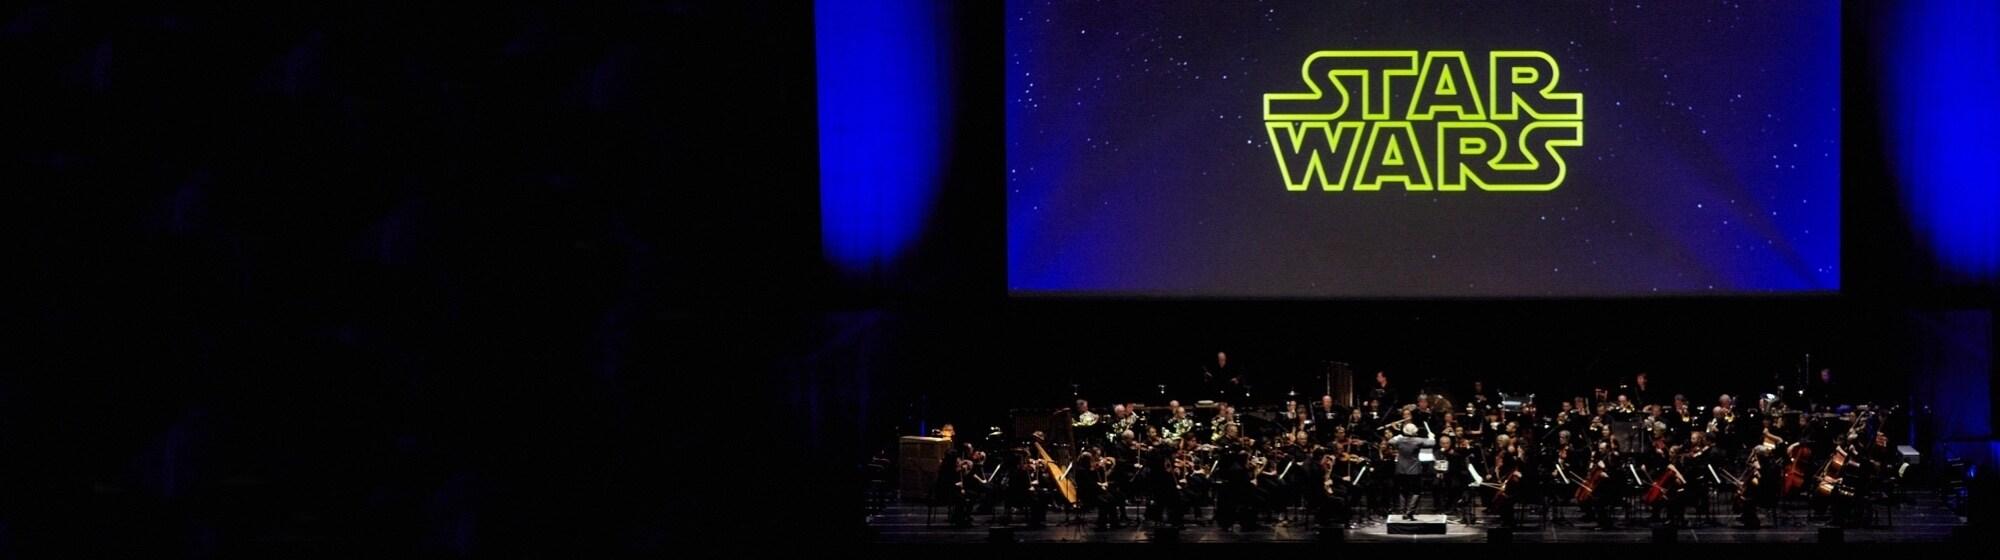 星球大战ROTJ音乐会-皇家阿尔伯特音乐厅